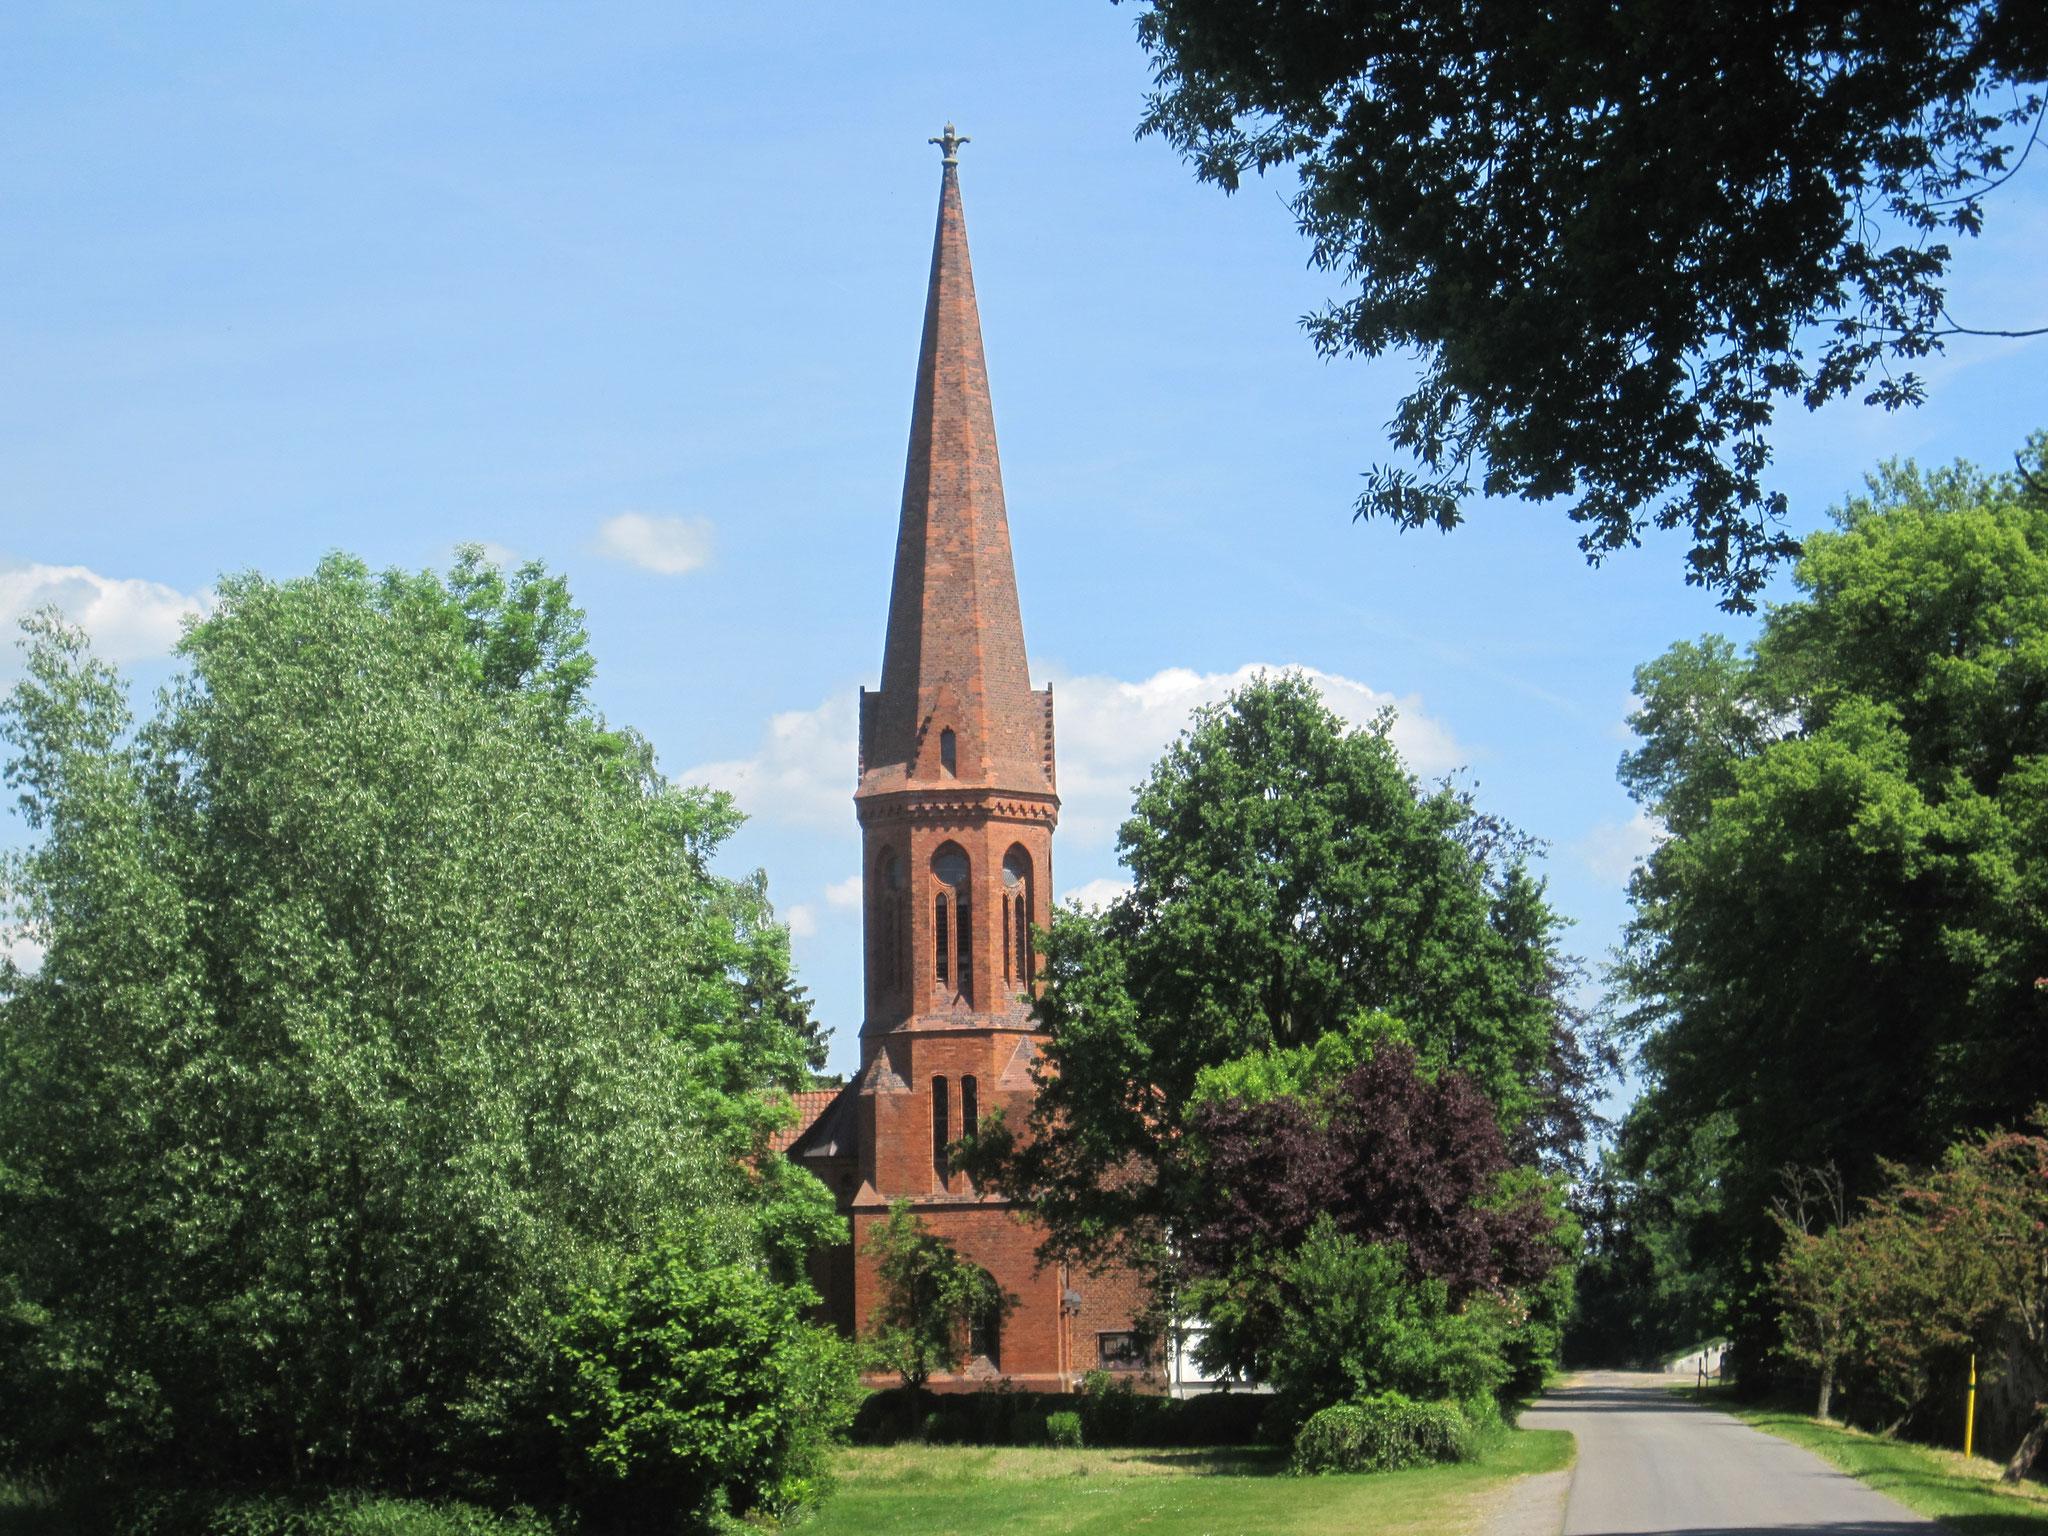 altgotische Fachwerkkirche Arenshorst